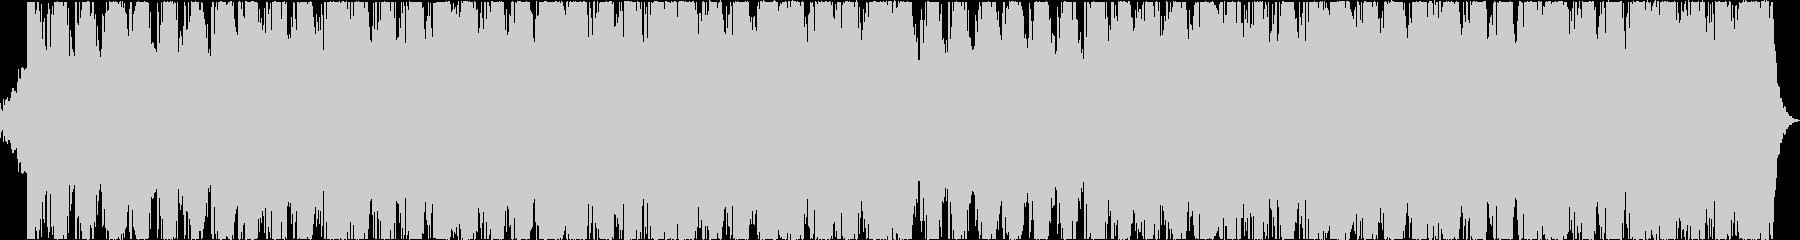 感動壮大企業VPエピックオーケストラbの未再生の波形